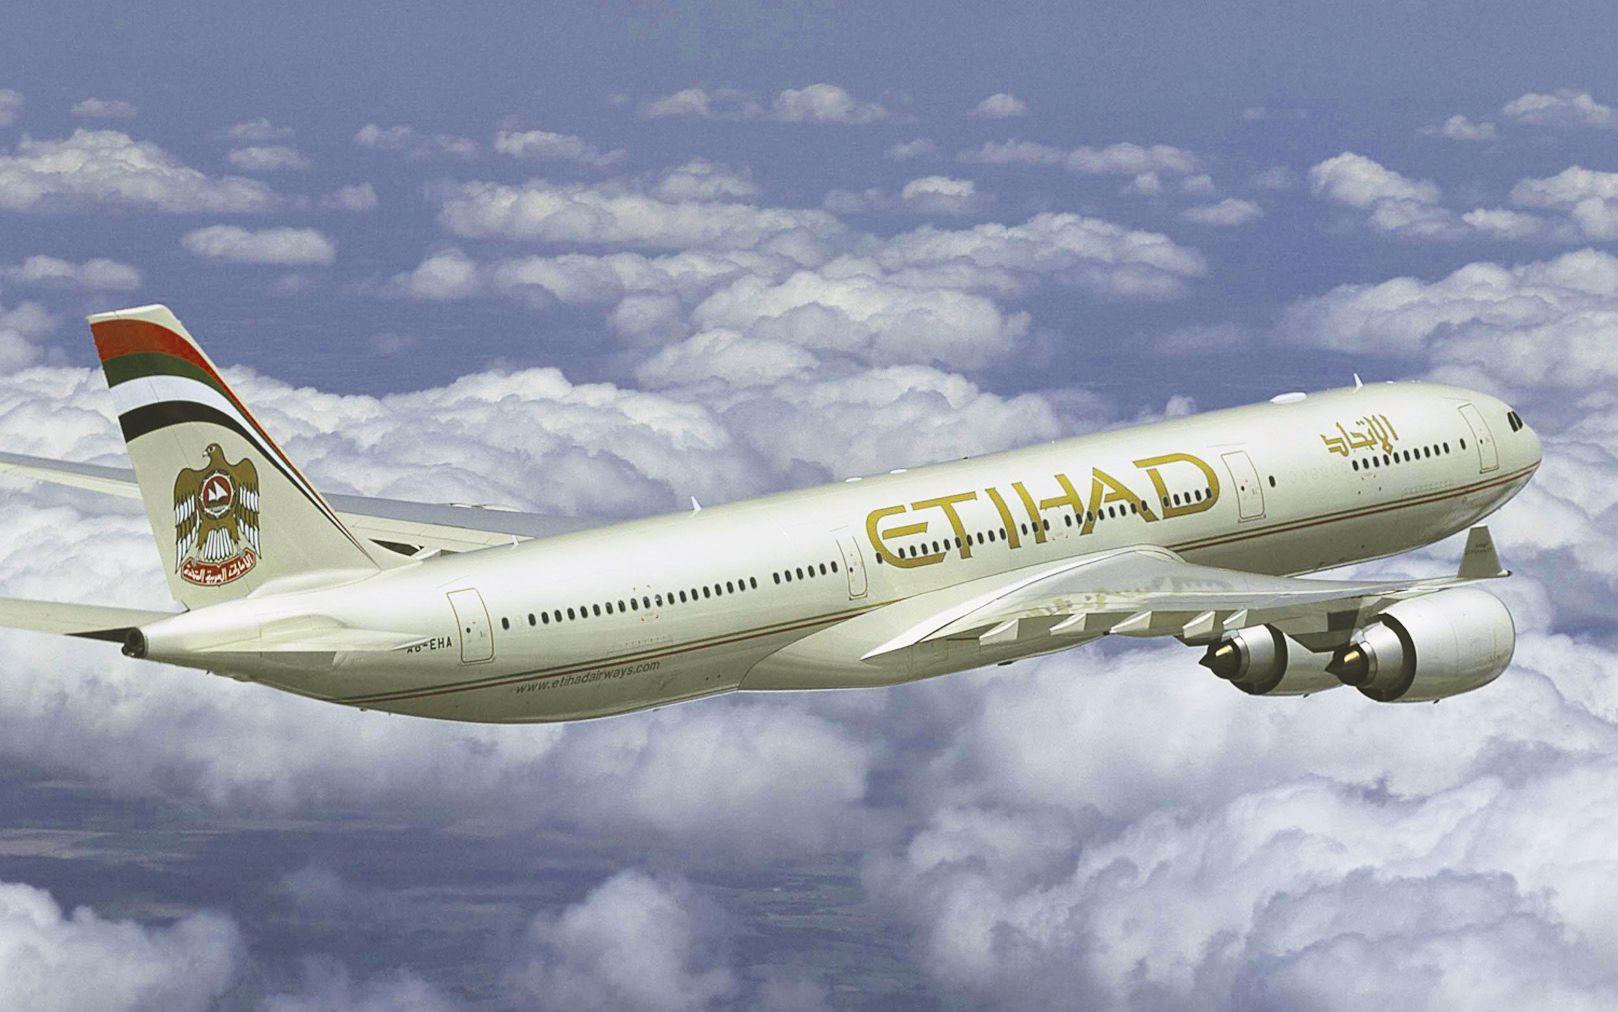 Aerolínea Etihad Airways utilizará tecnología blockchain para mejorar su sistema de distribución de productos y servicios